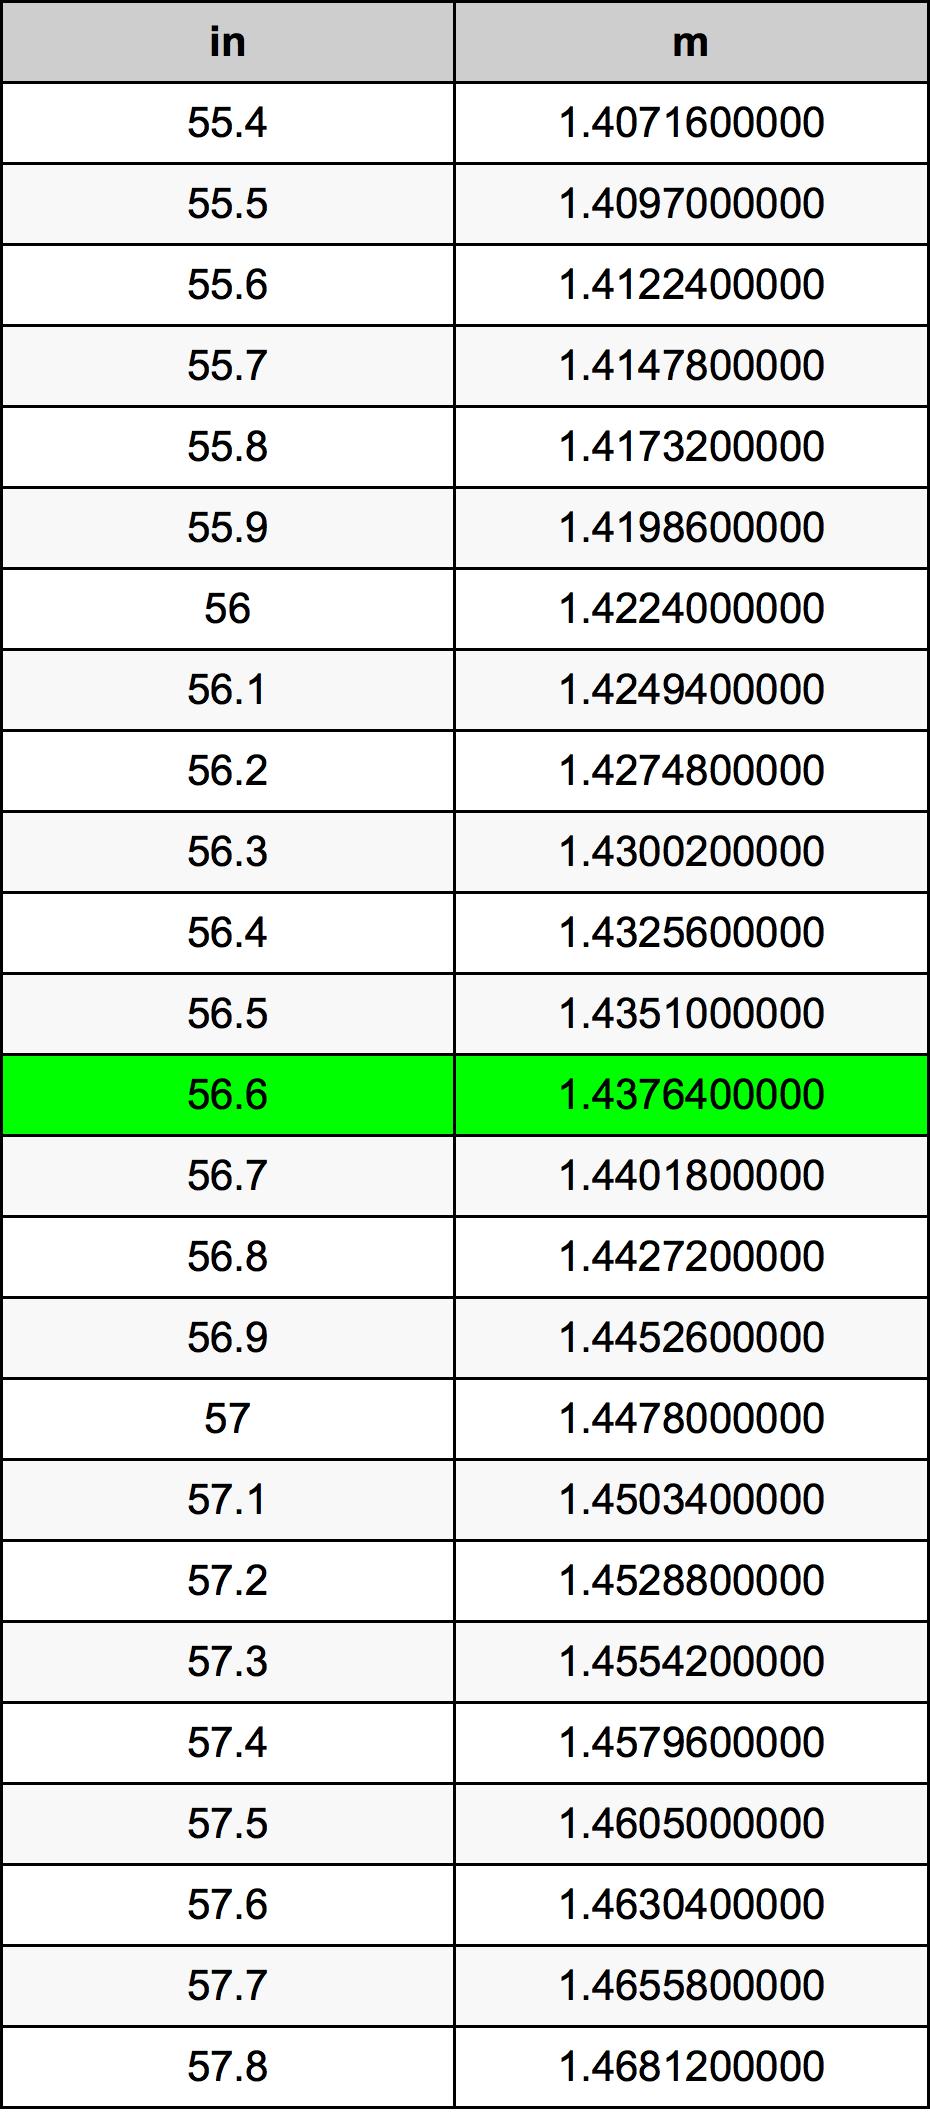 56.6 Zoll Umrechnungstabelle